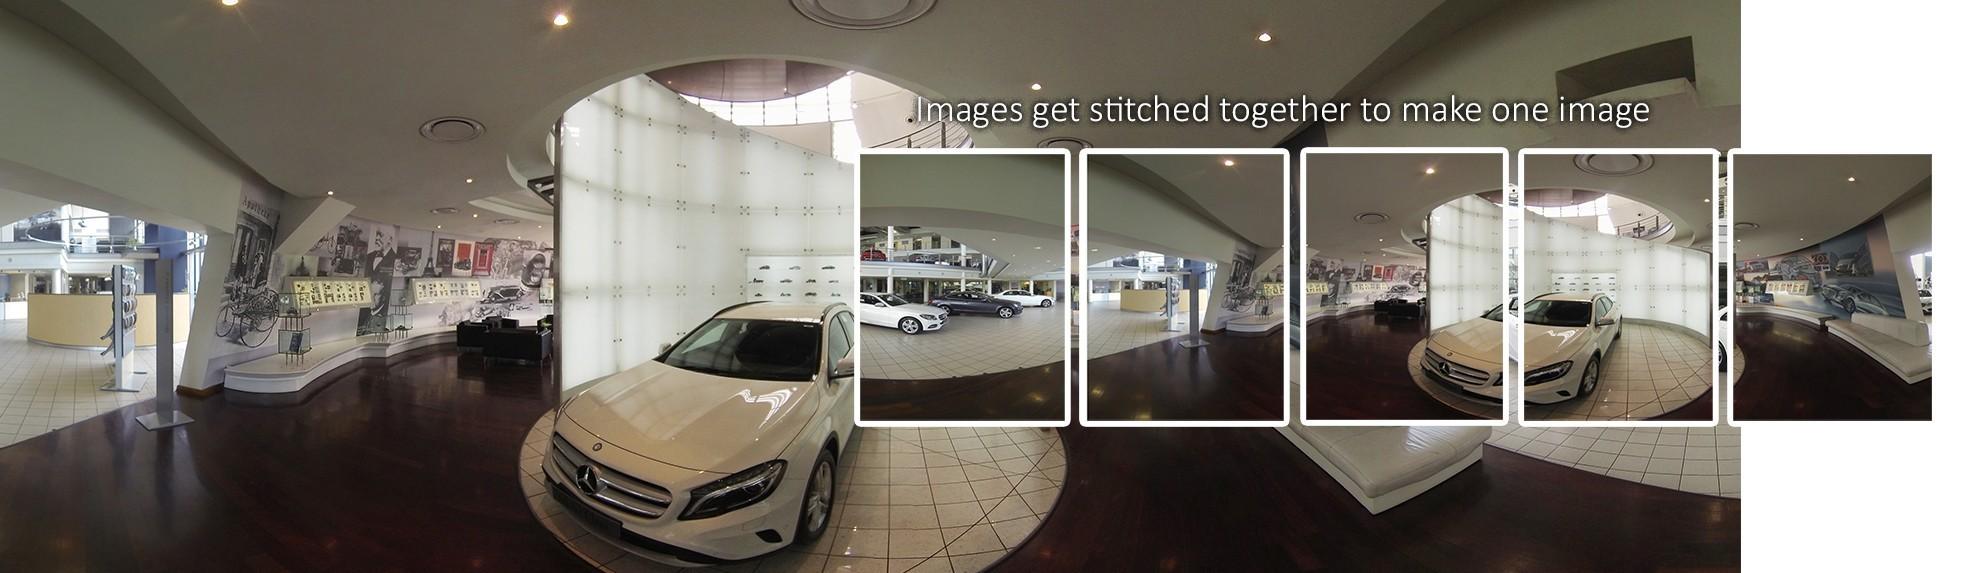 360 image stitching